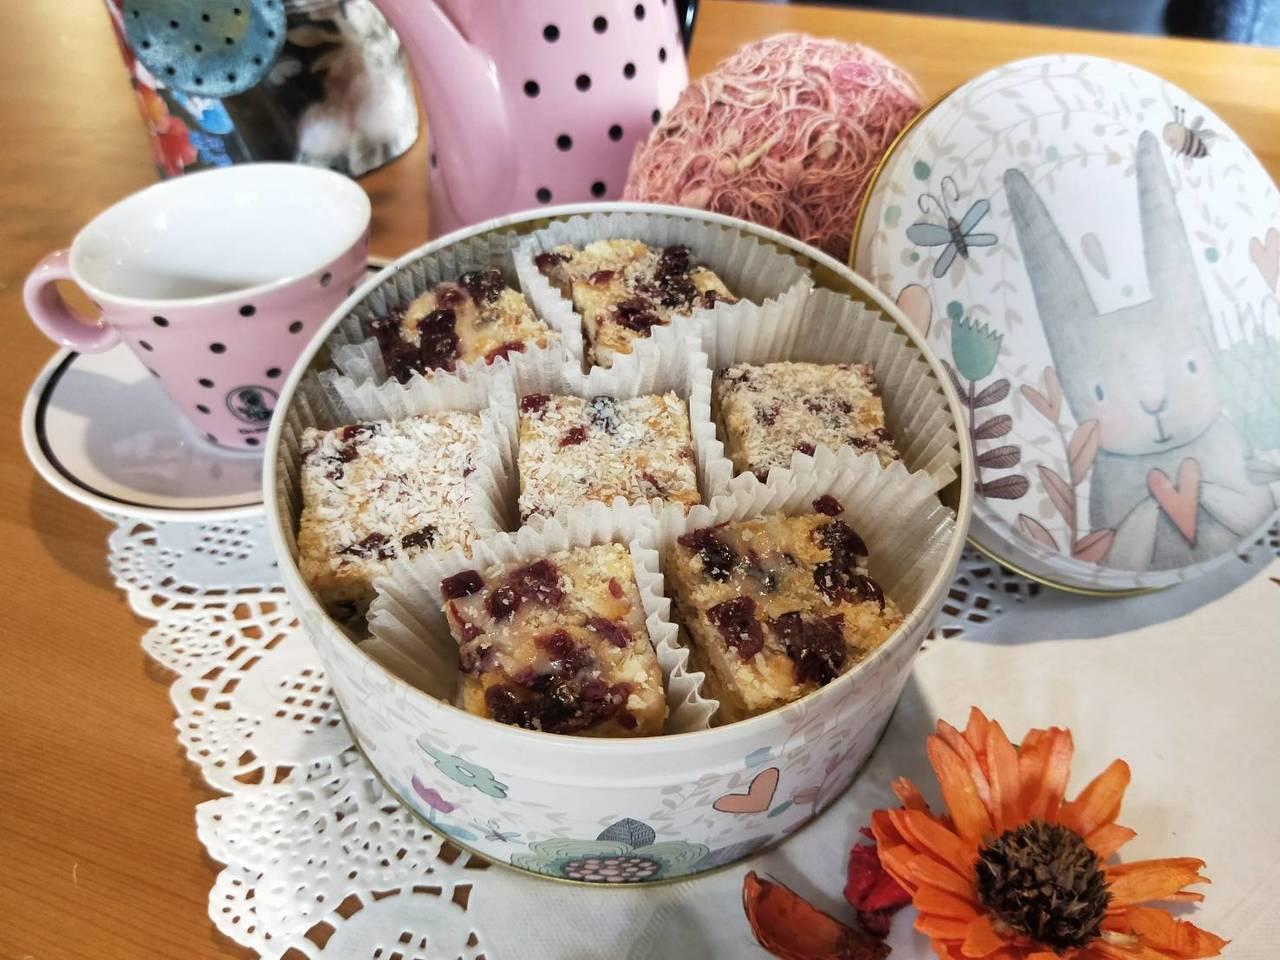 呂芳銘擅長的西式料理,手工綿綿餅也是他的代表作。圖/勞動力發展署桃竹苗分署提供